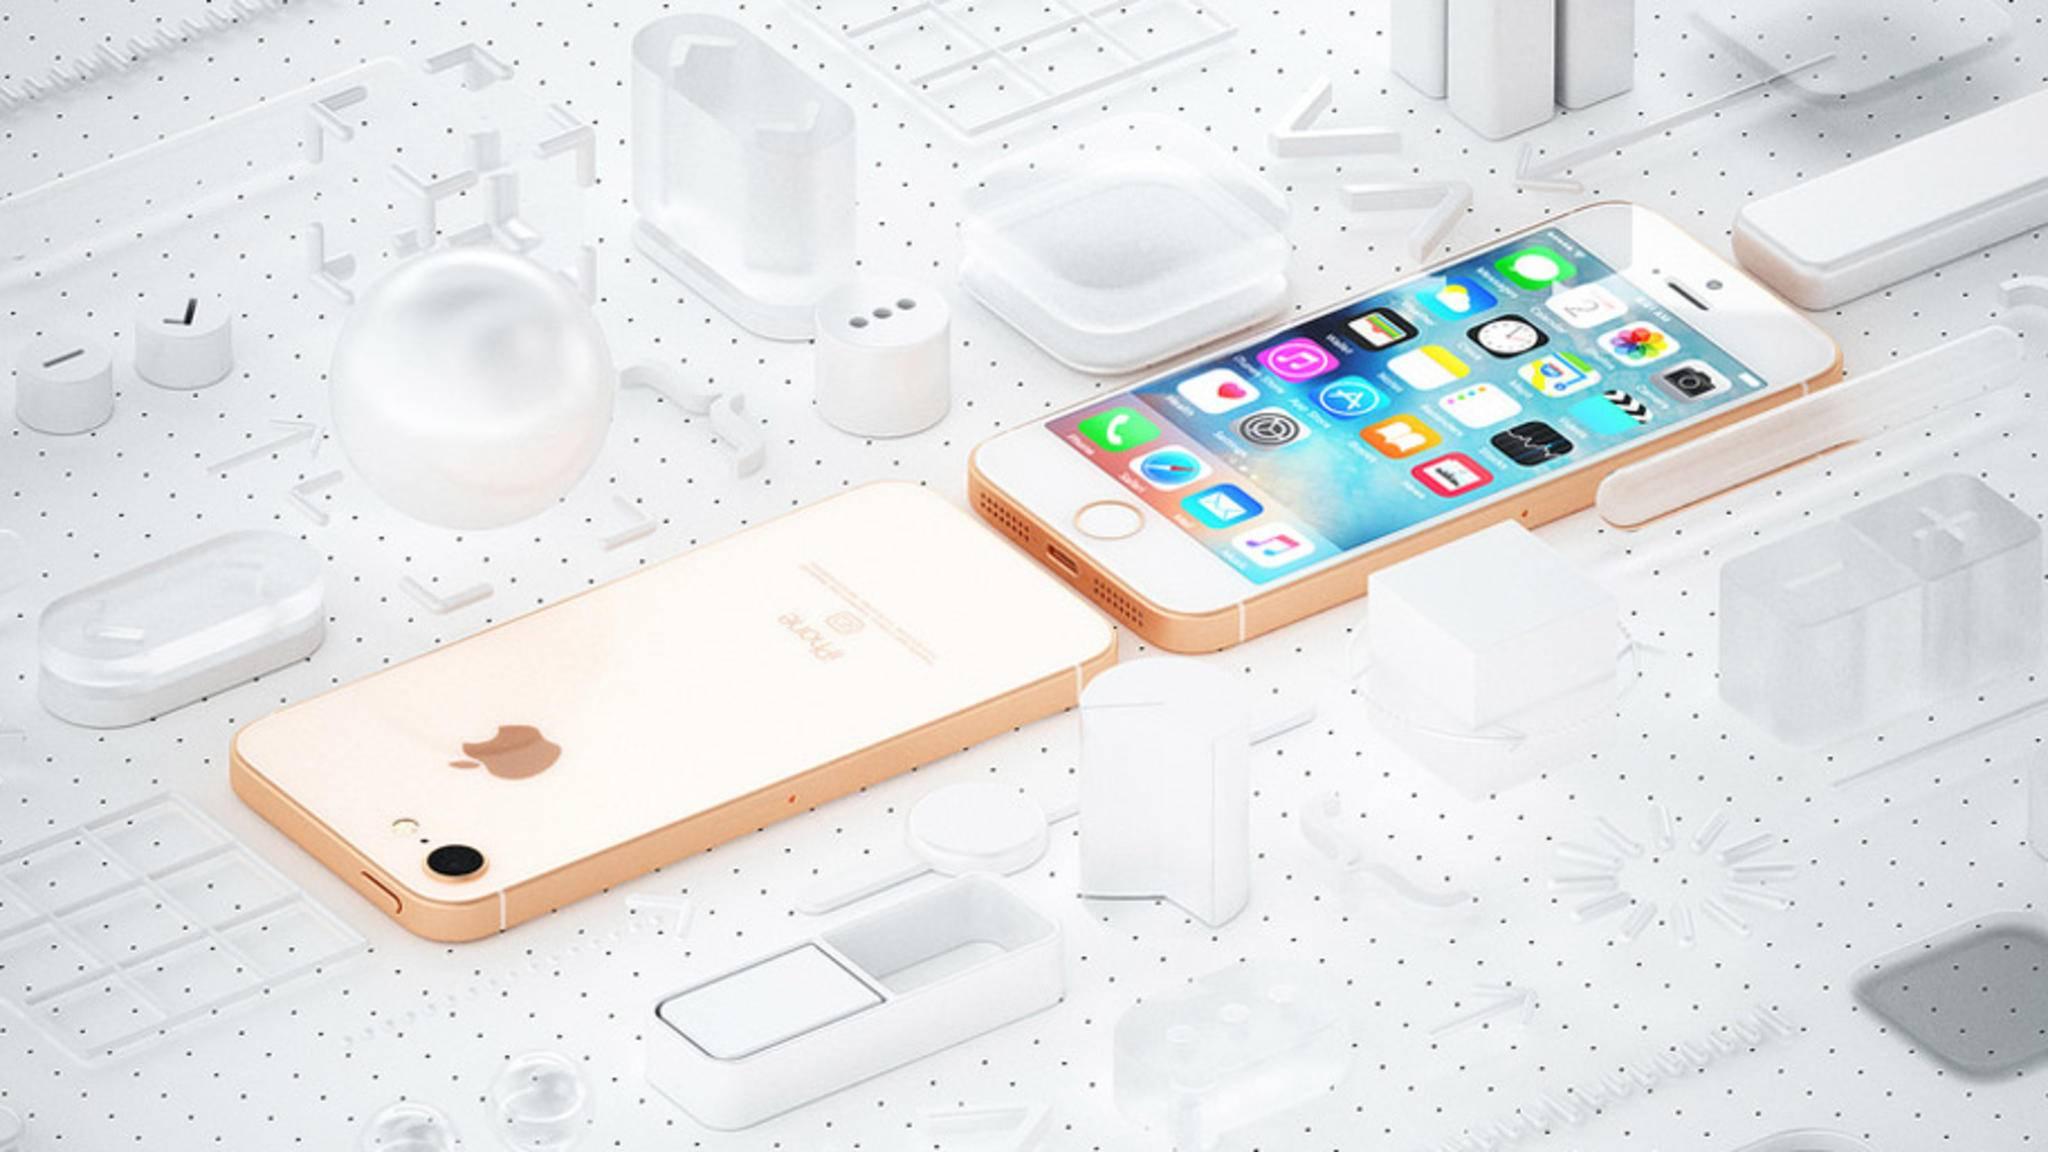 So soll es angeblich aussehen, das iPhone SE 2.